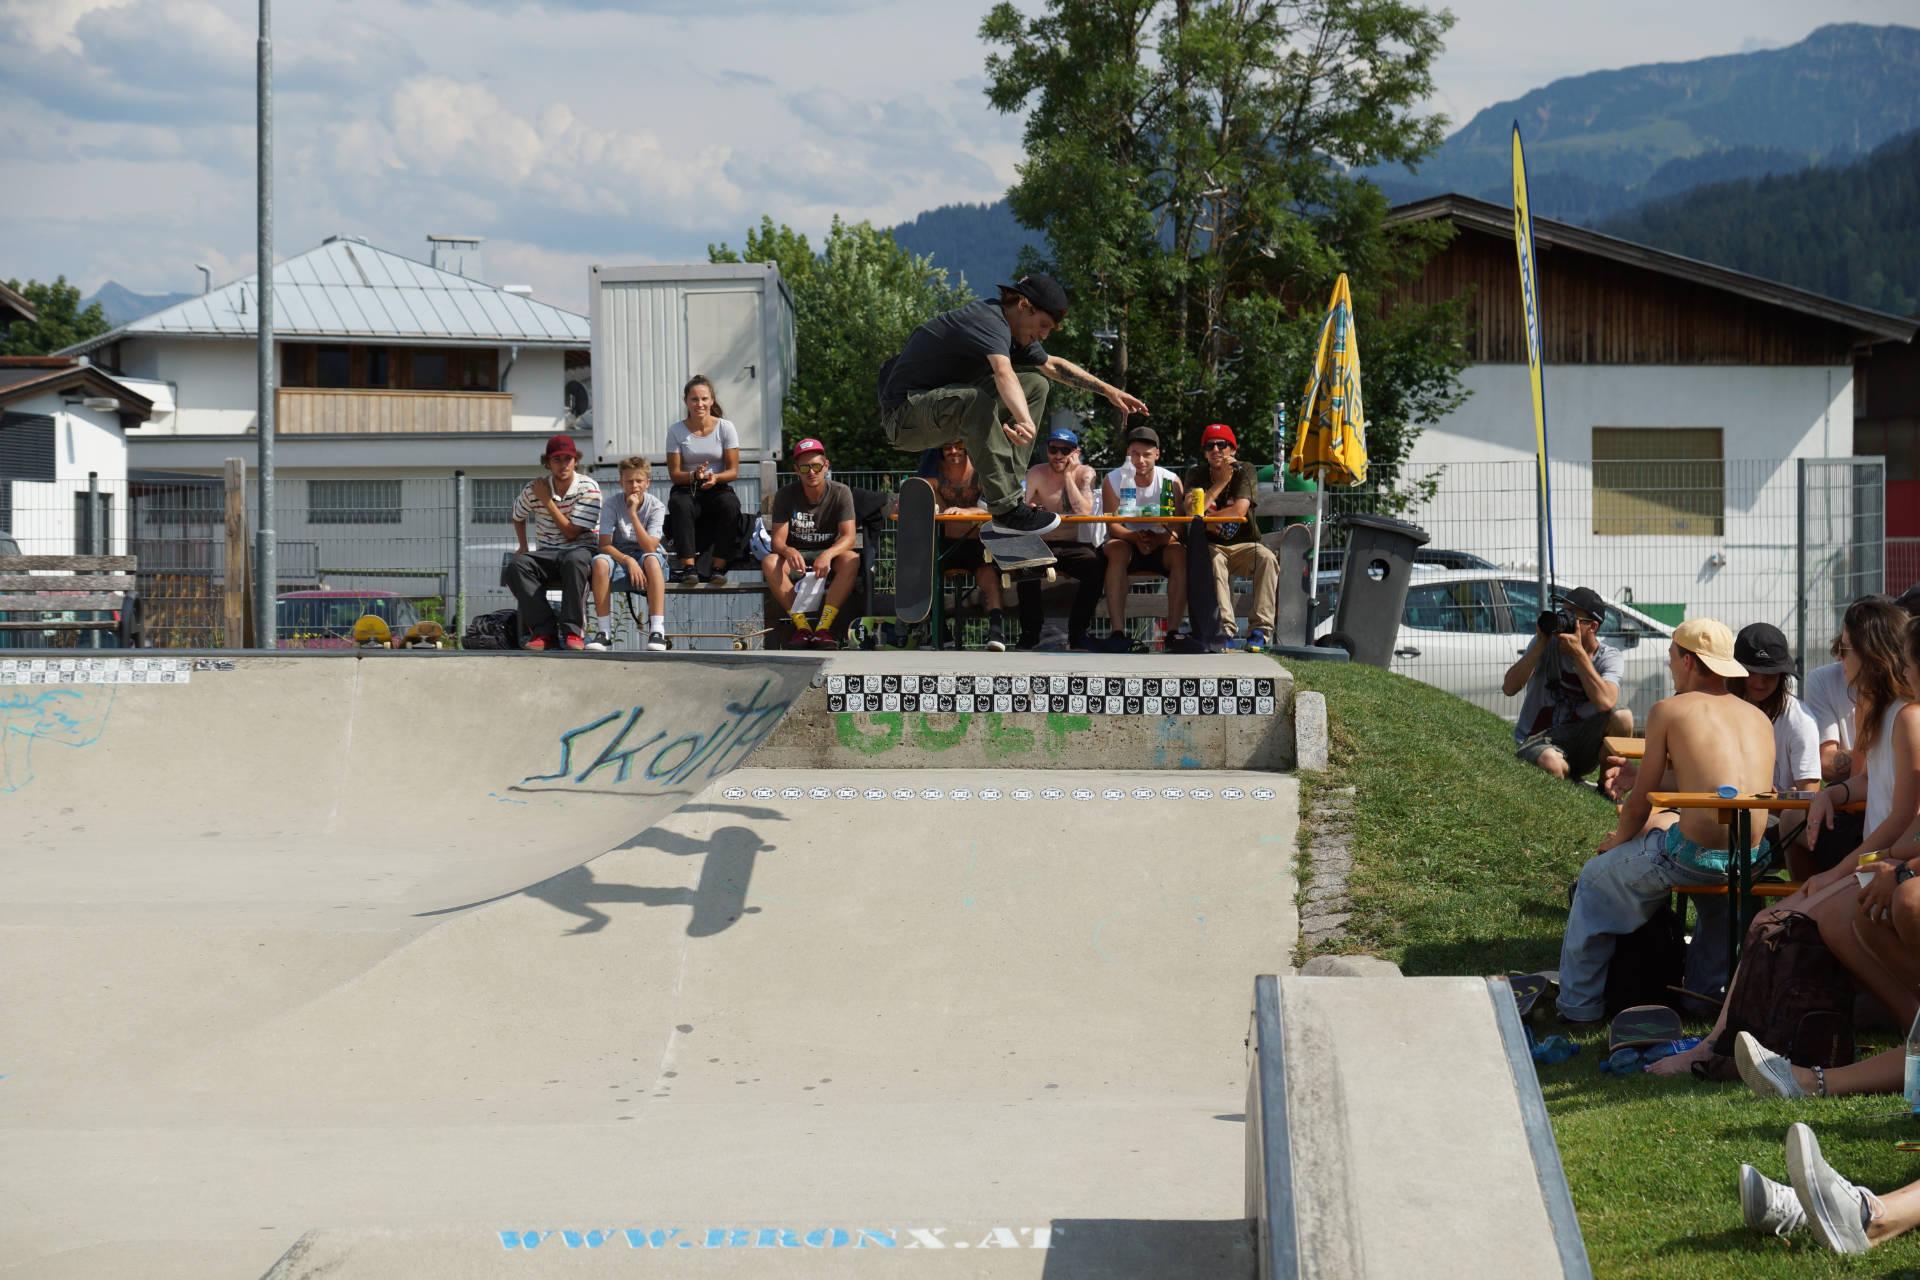 skateboardheadz st johann in tirol kgt 2019 finale 00071